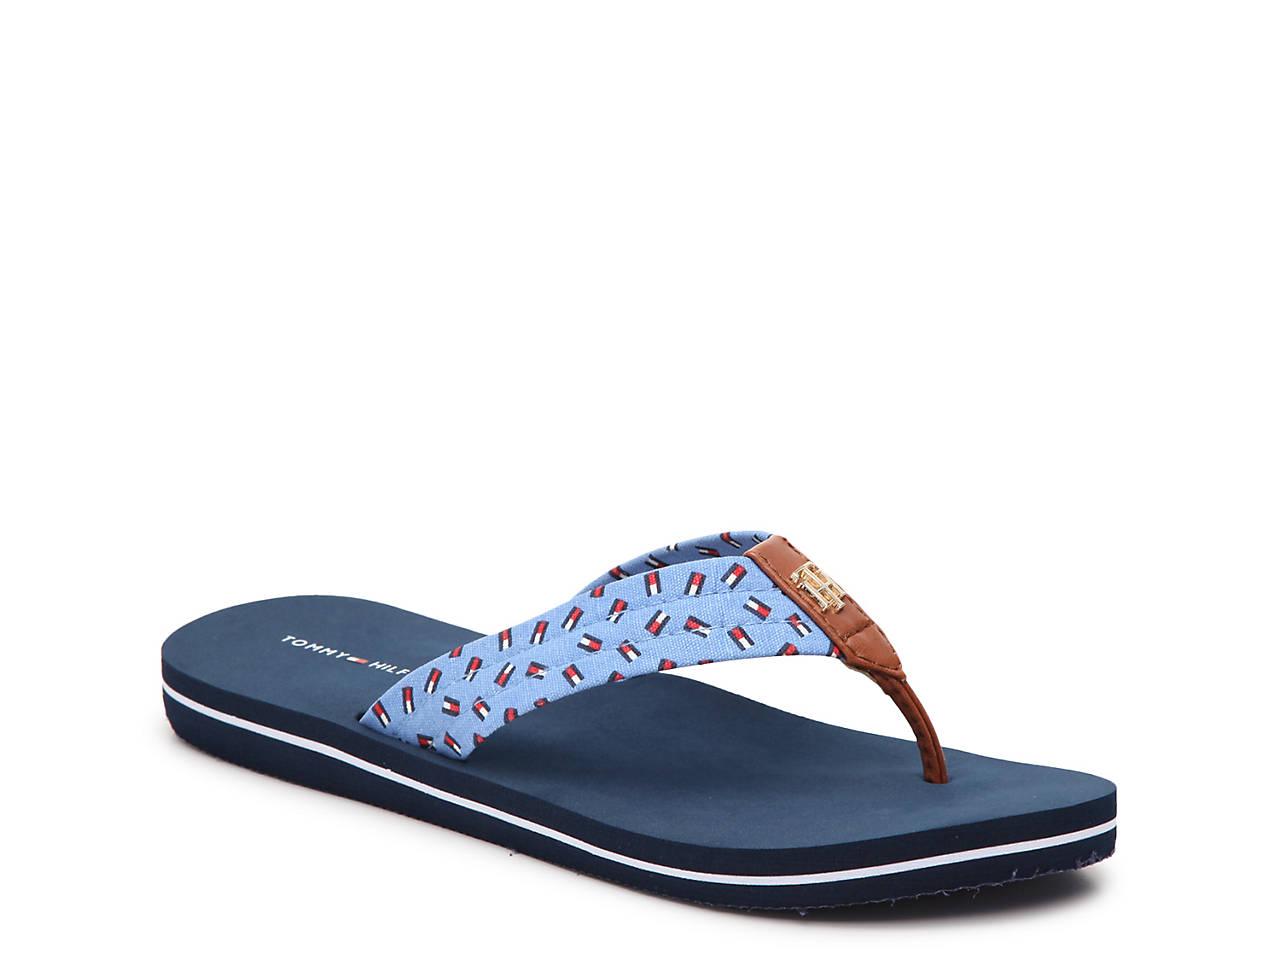 0553cc5a0 Tommy Hilfiger Civlees Flip Flop Women's Shoes   DSW